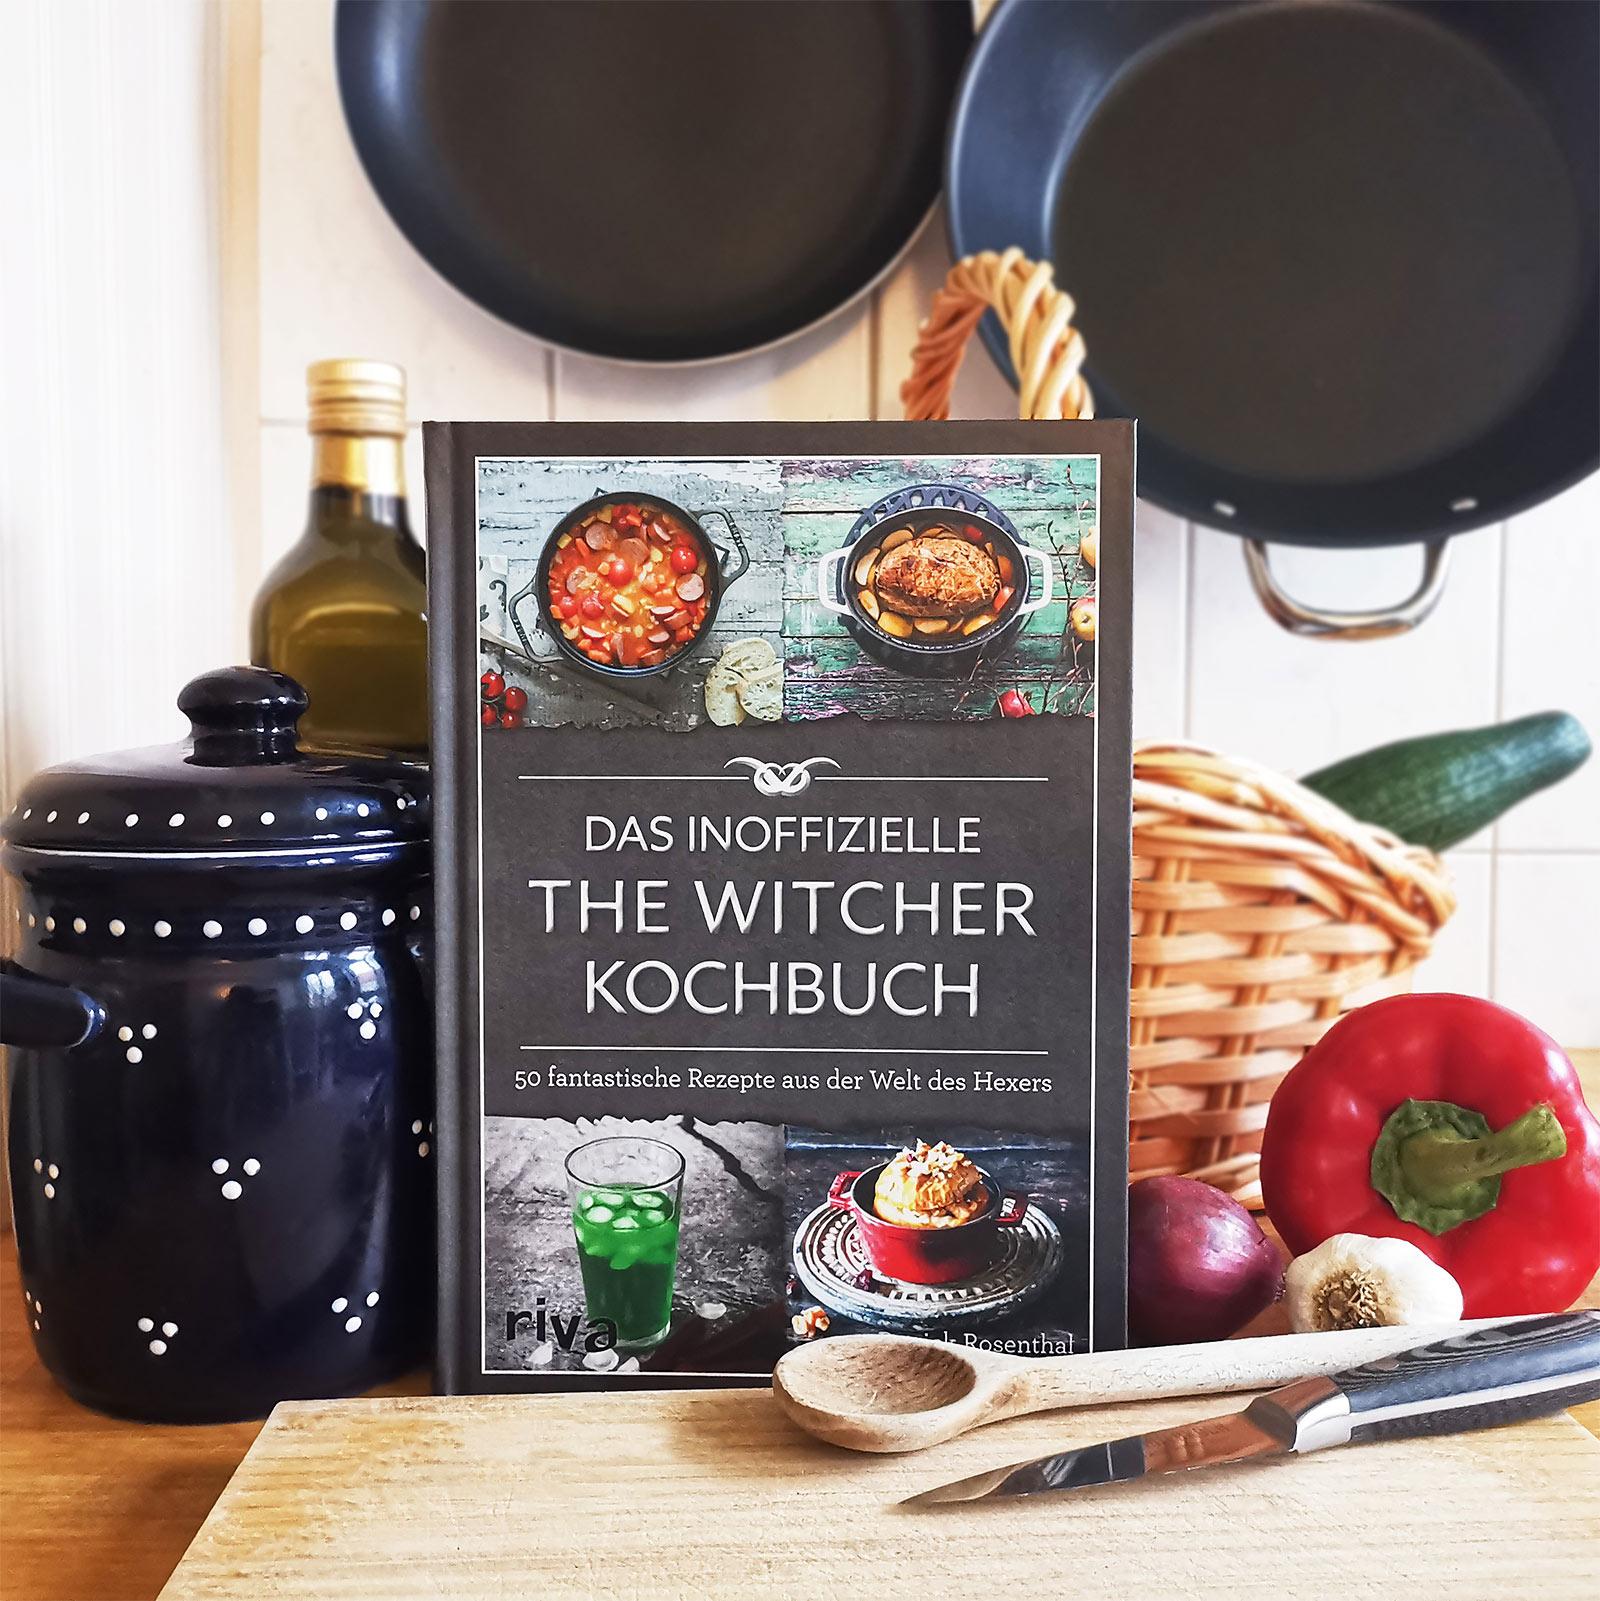 Das inoffizielle The Witcher Kochbuch